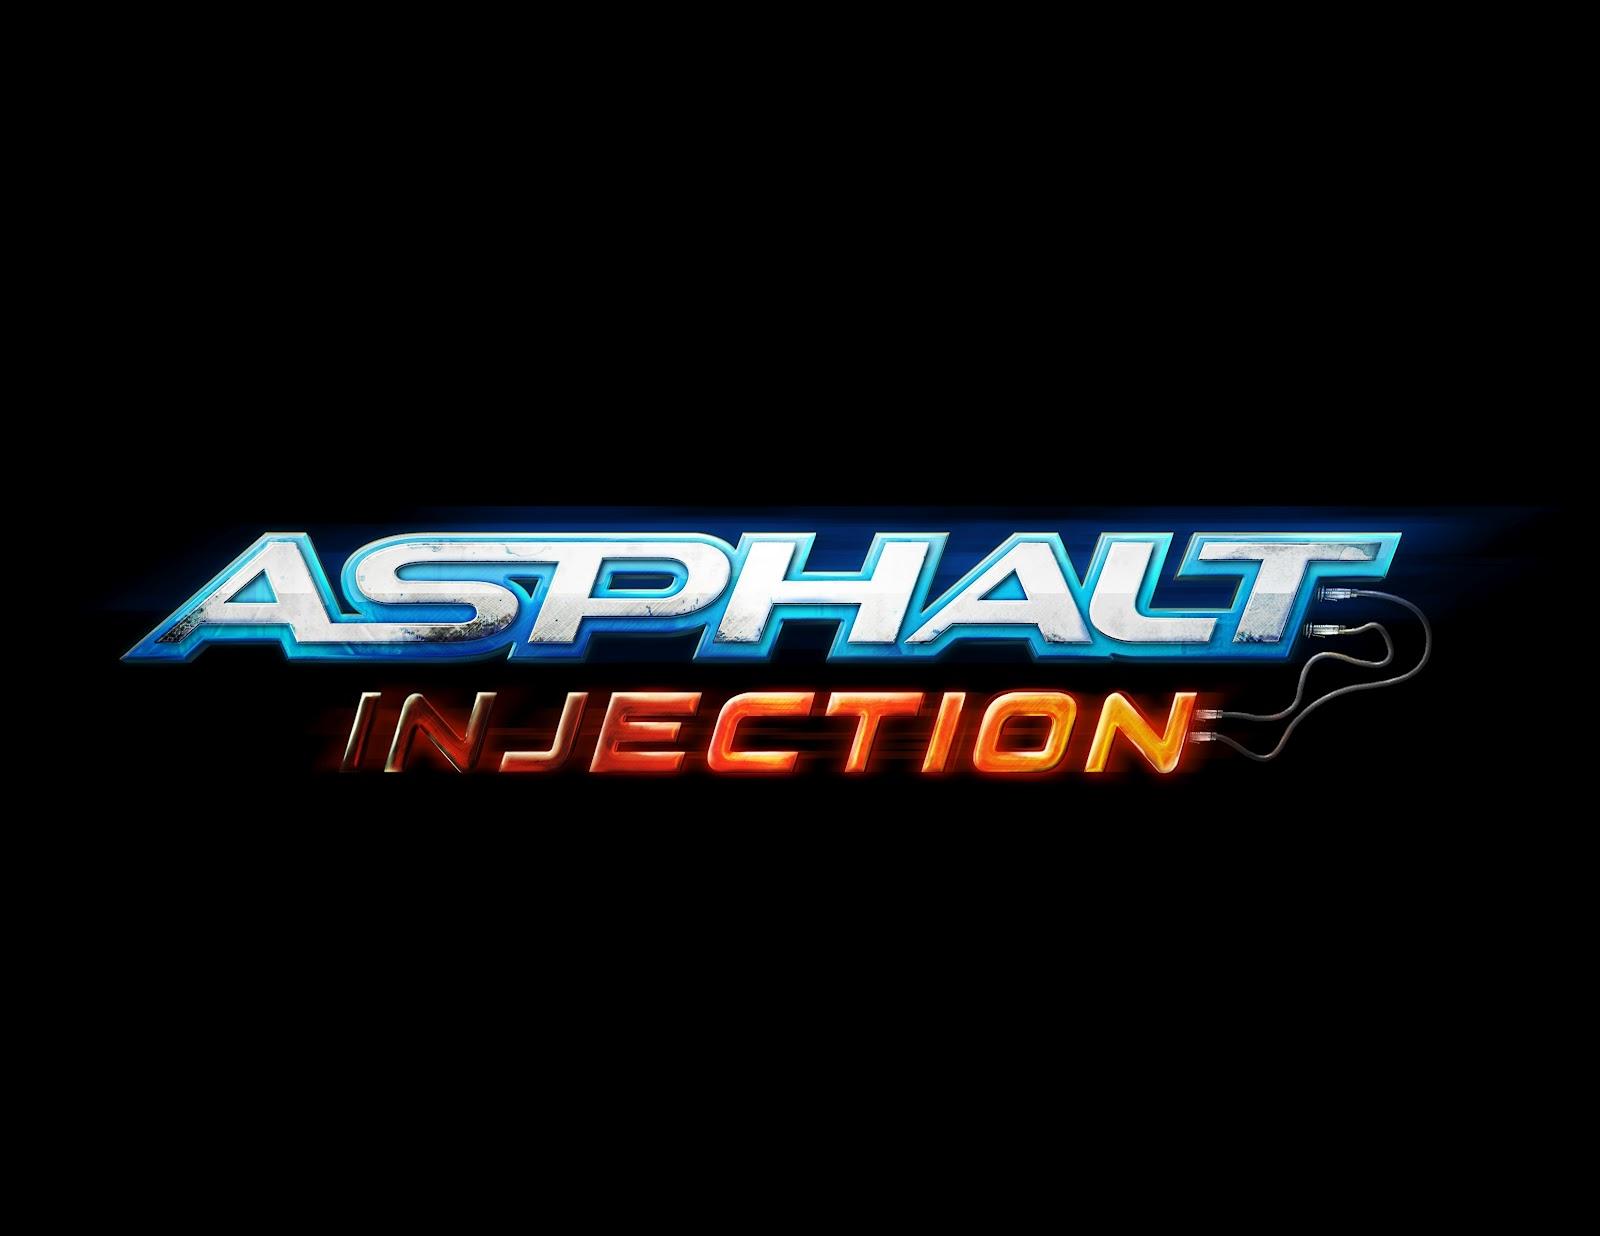 http://2.bp.blogspot.com/-MTiNZa6hyf8/T02kd4vkD0I/AAAAAAAAFlI/I0YdIoIul7I/s1600/Asphalt_Injection_logo.jpg